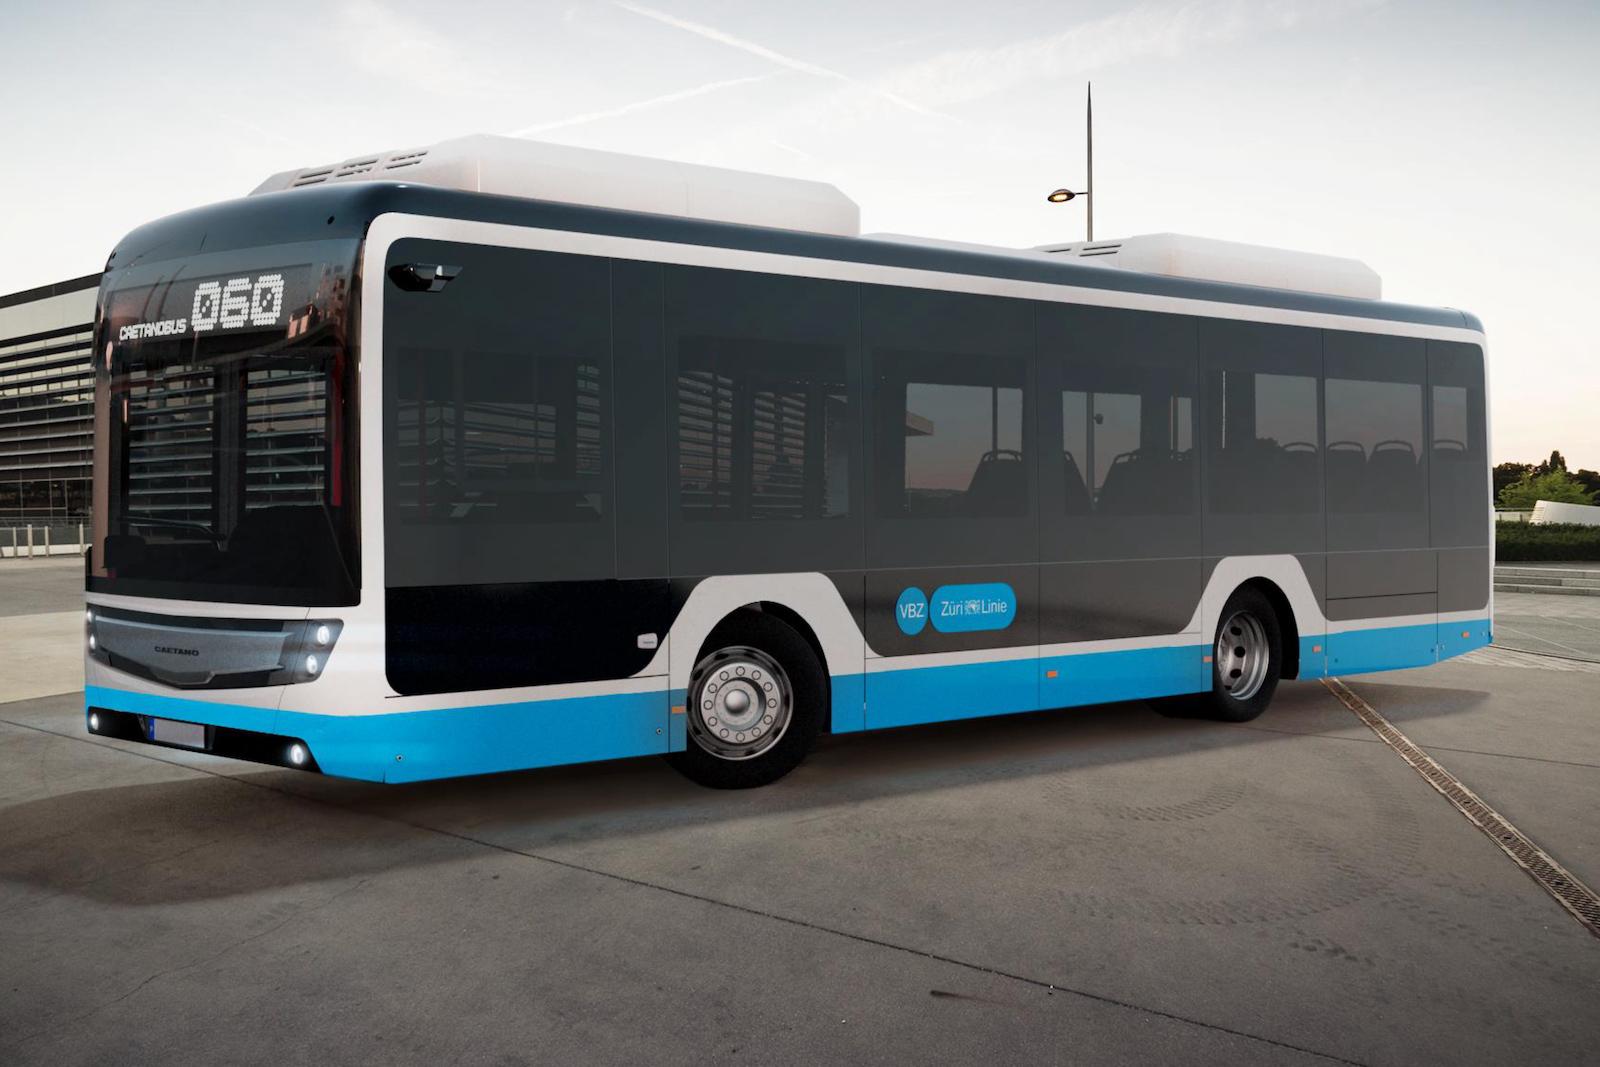 Voici à quoi ressembleront les nouveaux bus de quartier des VBZ qui se déplaceront dans Zurich de manière entièrement électrique et sans caténaires. (VBZ)